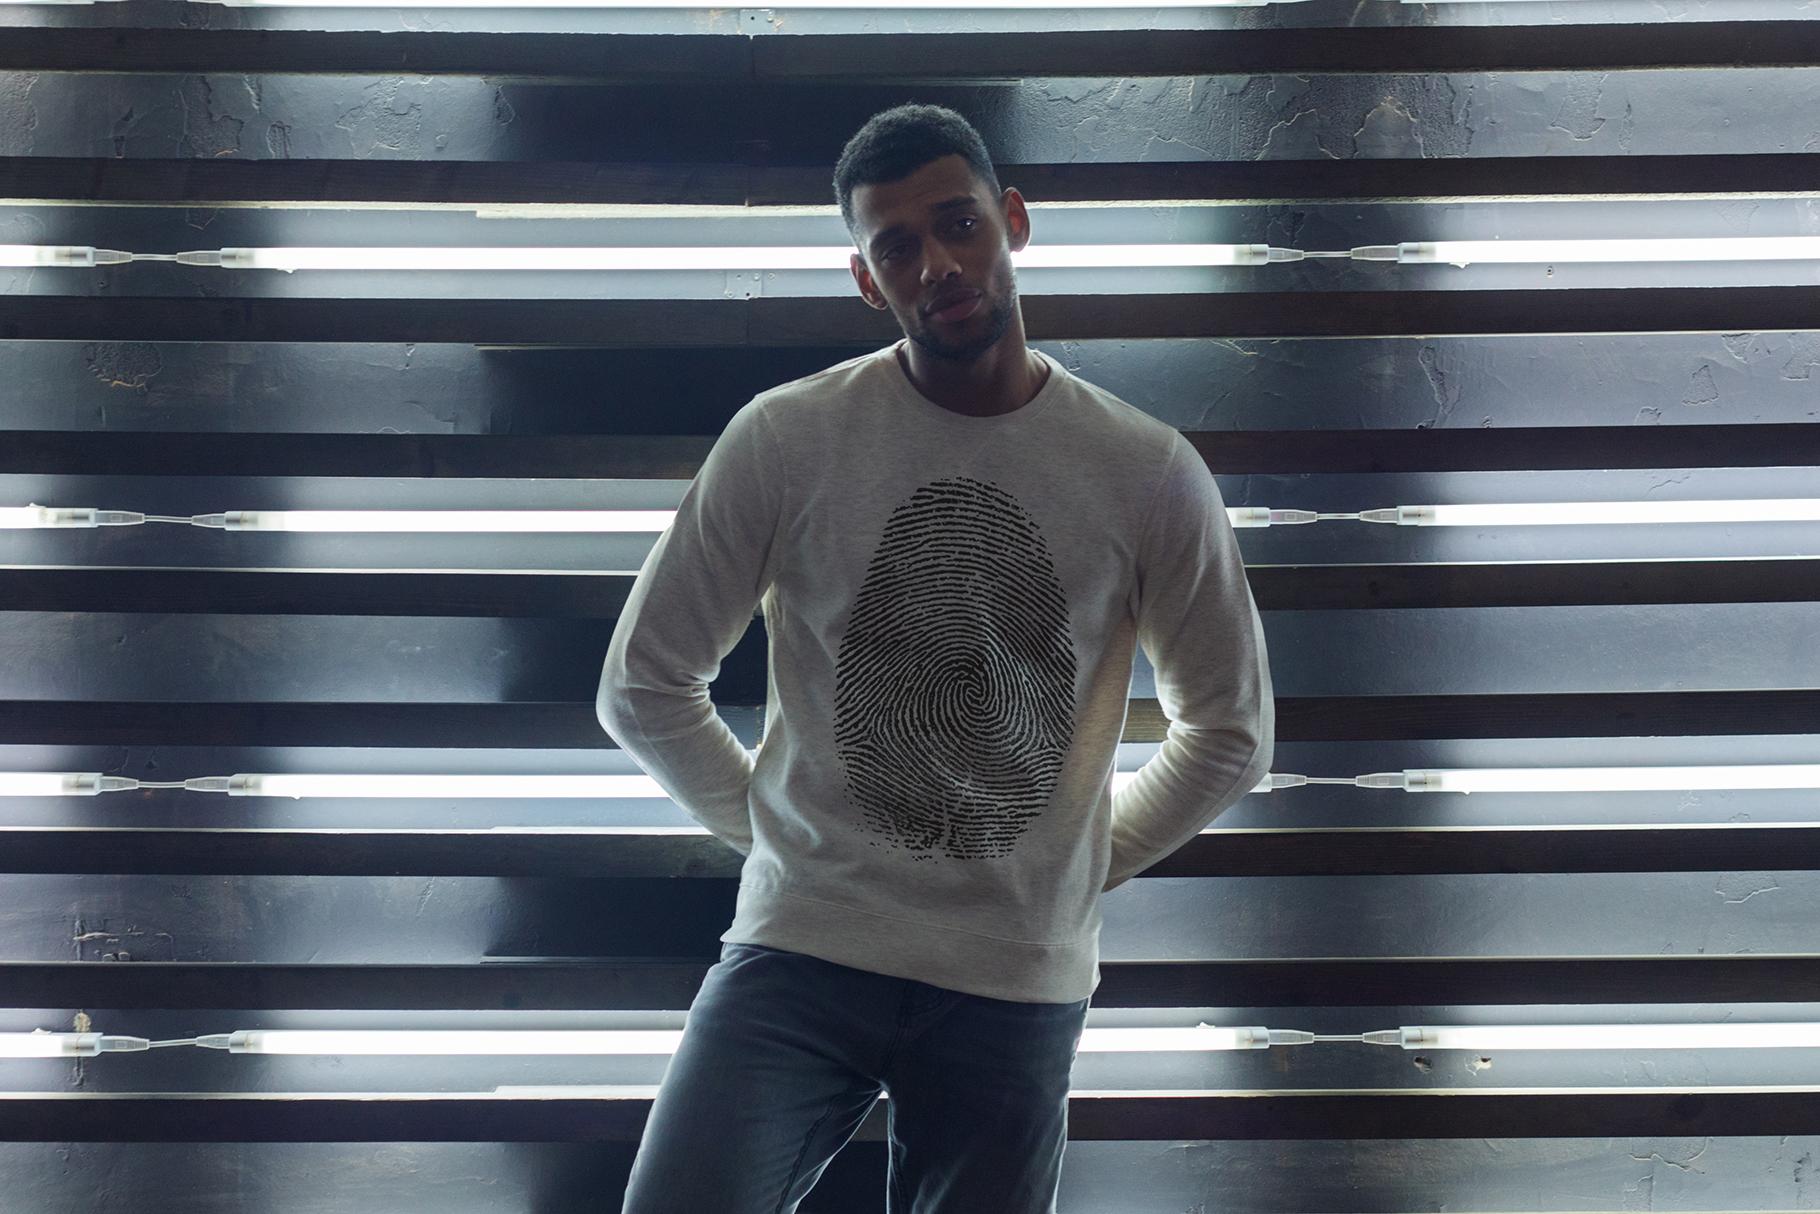 Sweatshirt Mock-Up 2018 #33 example image 17